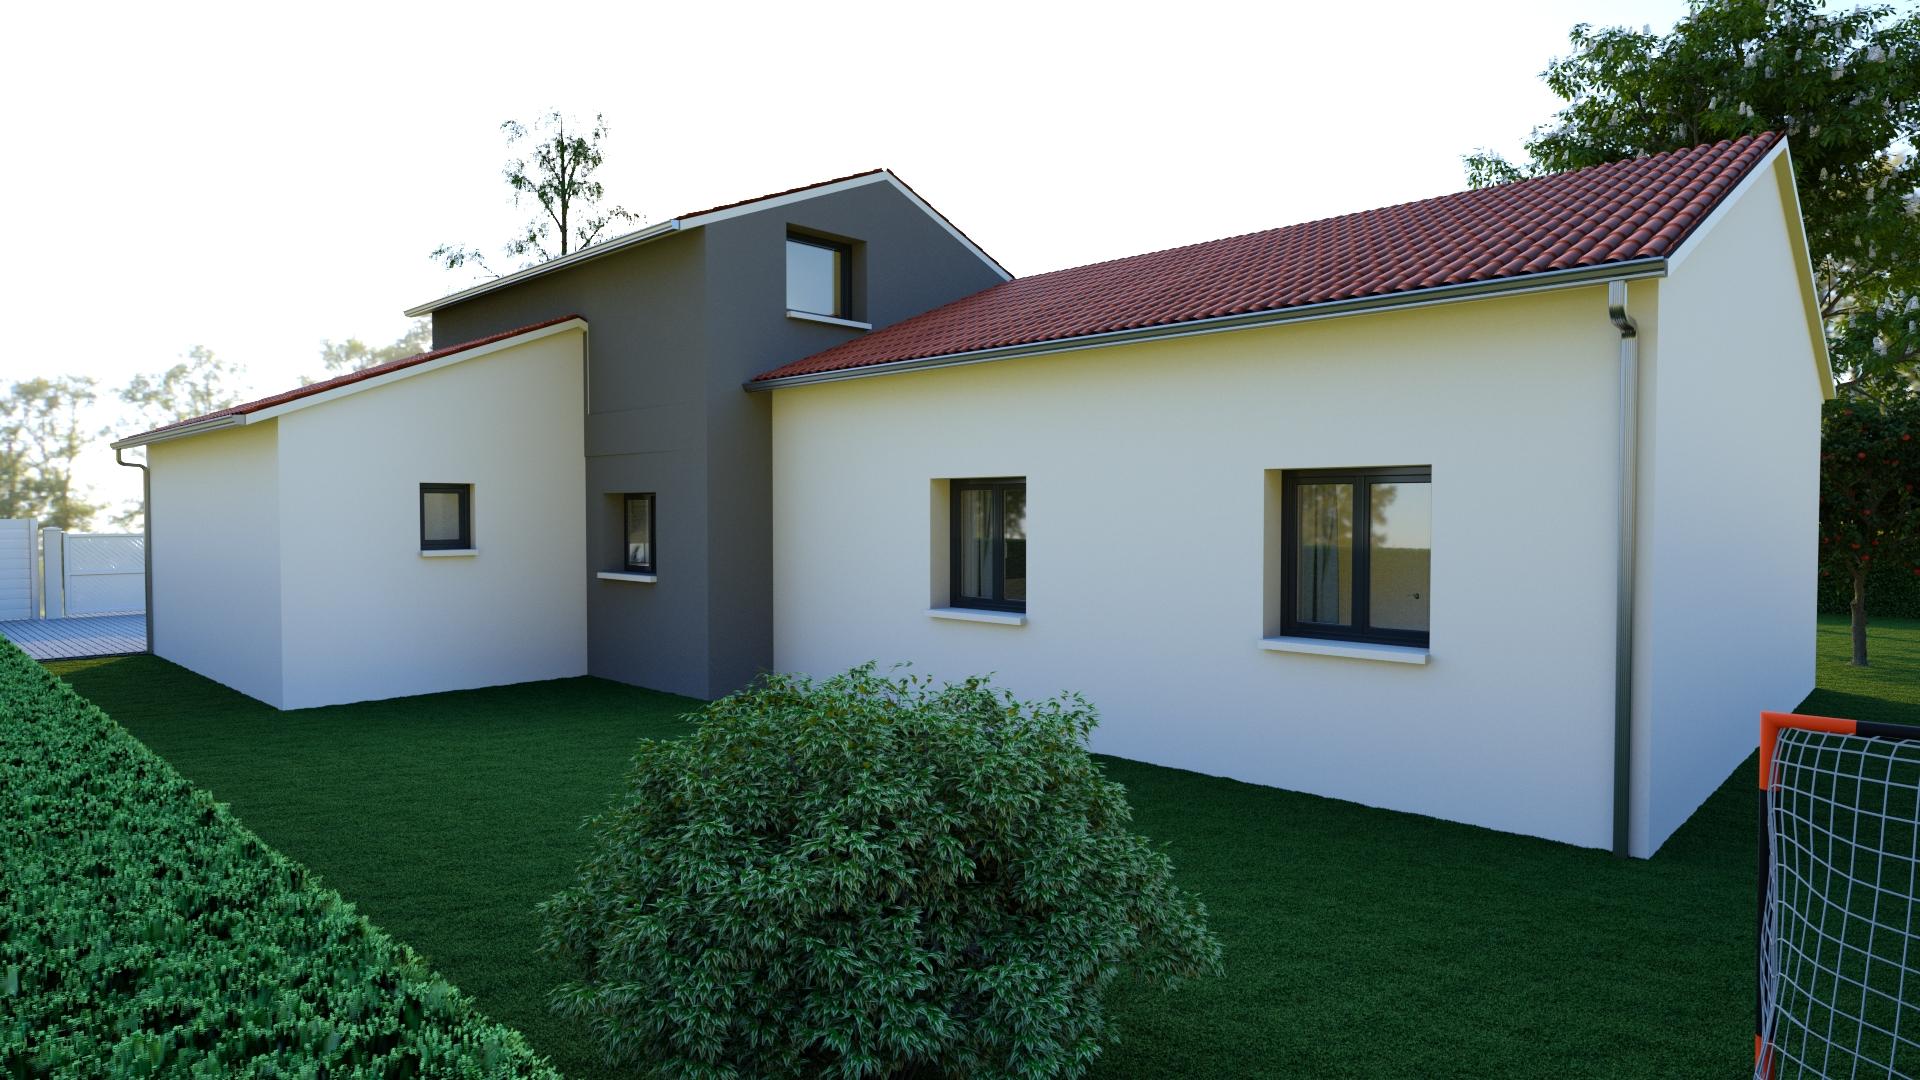 maison plain-pied 4 chambres contemporaine